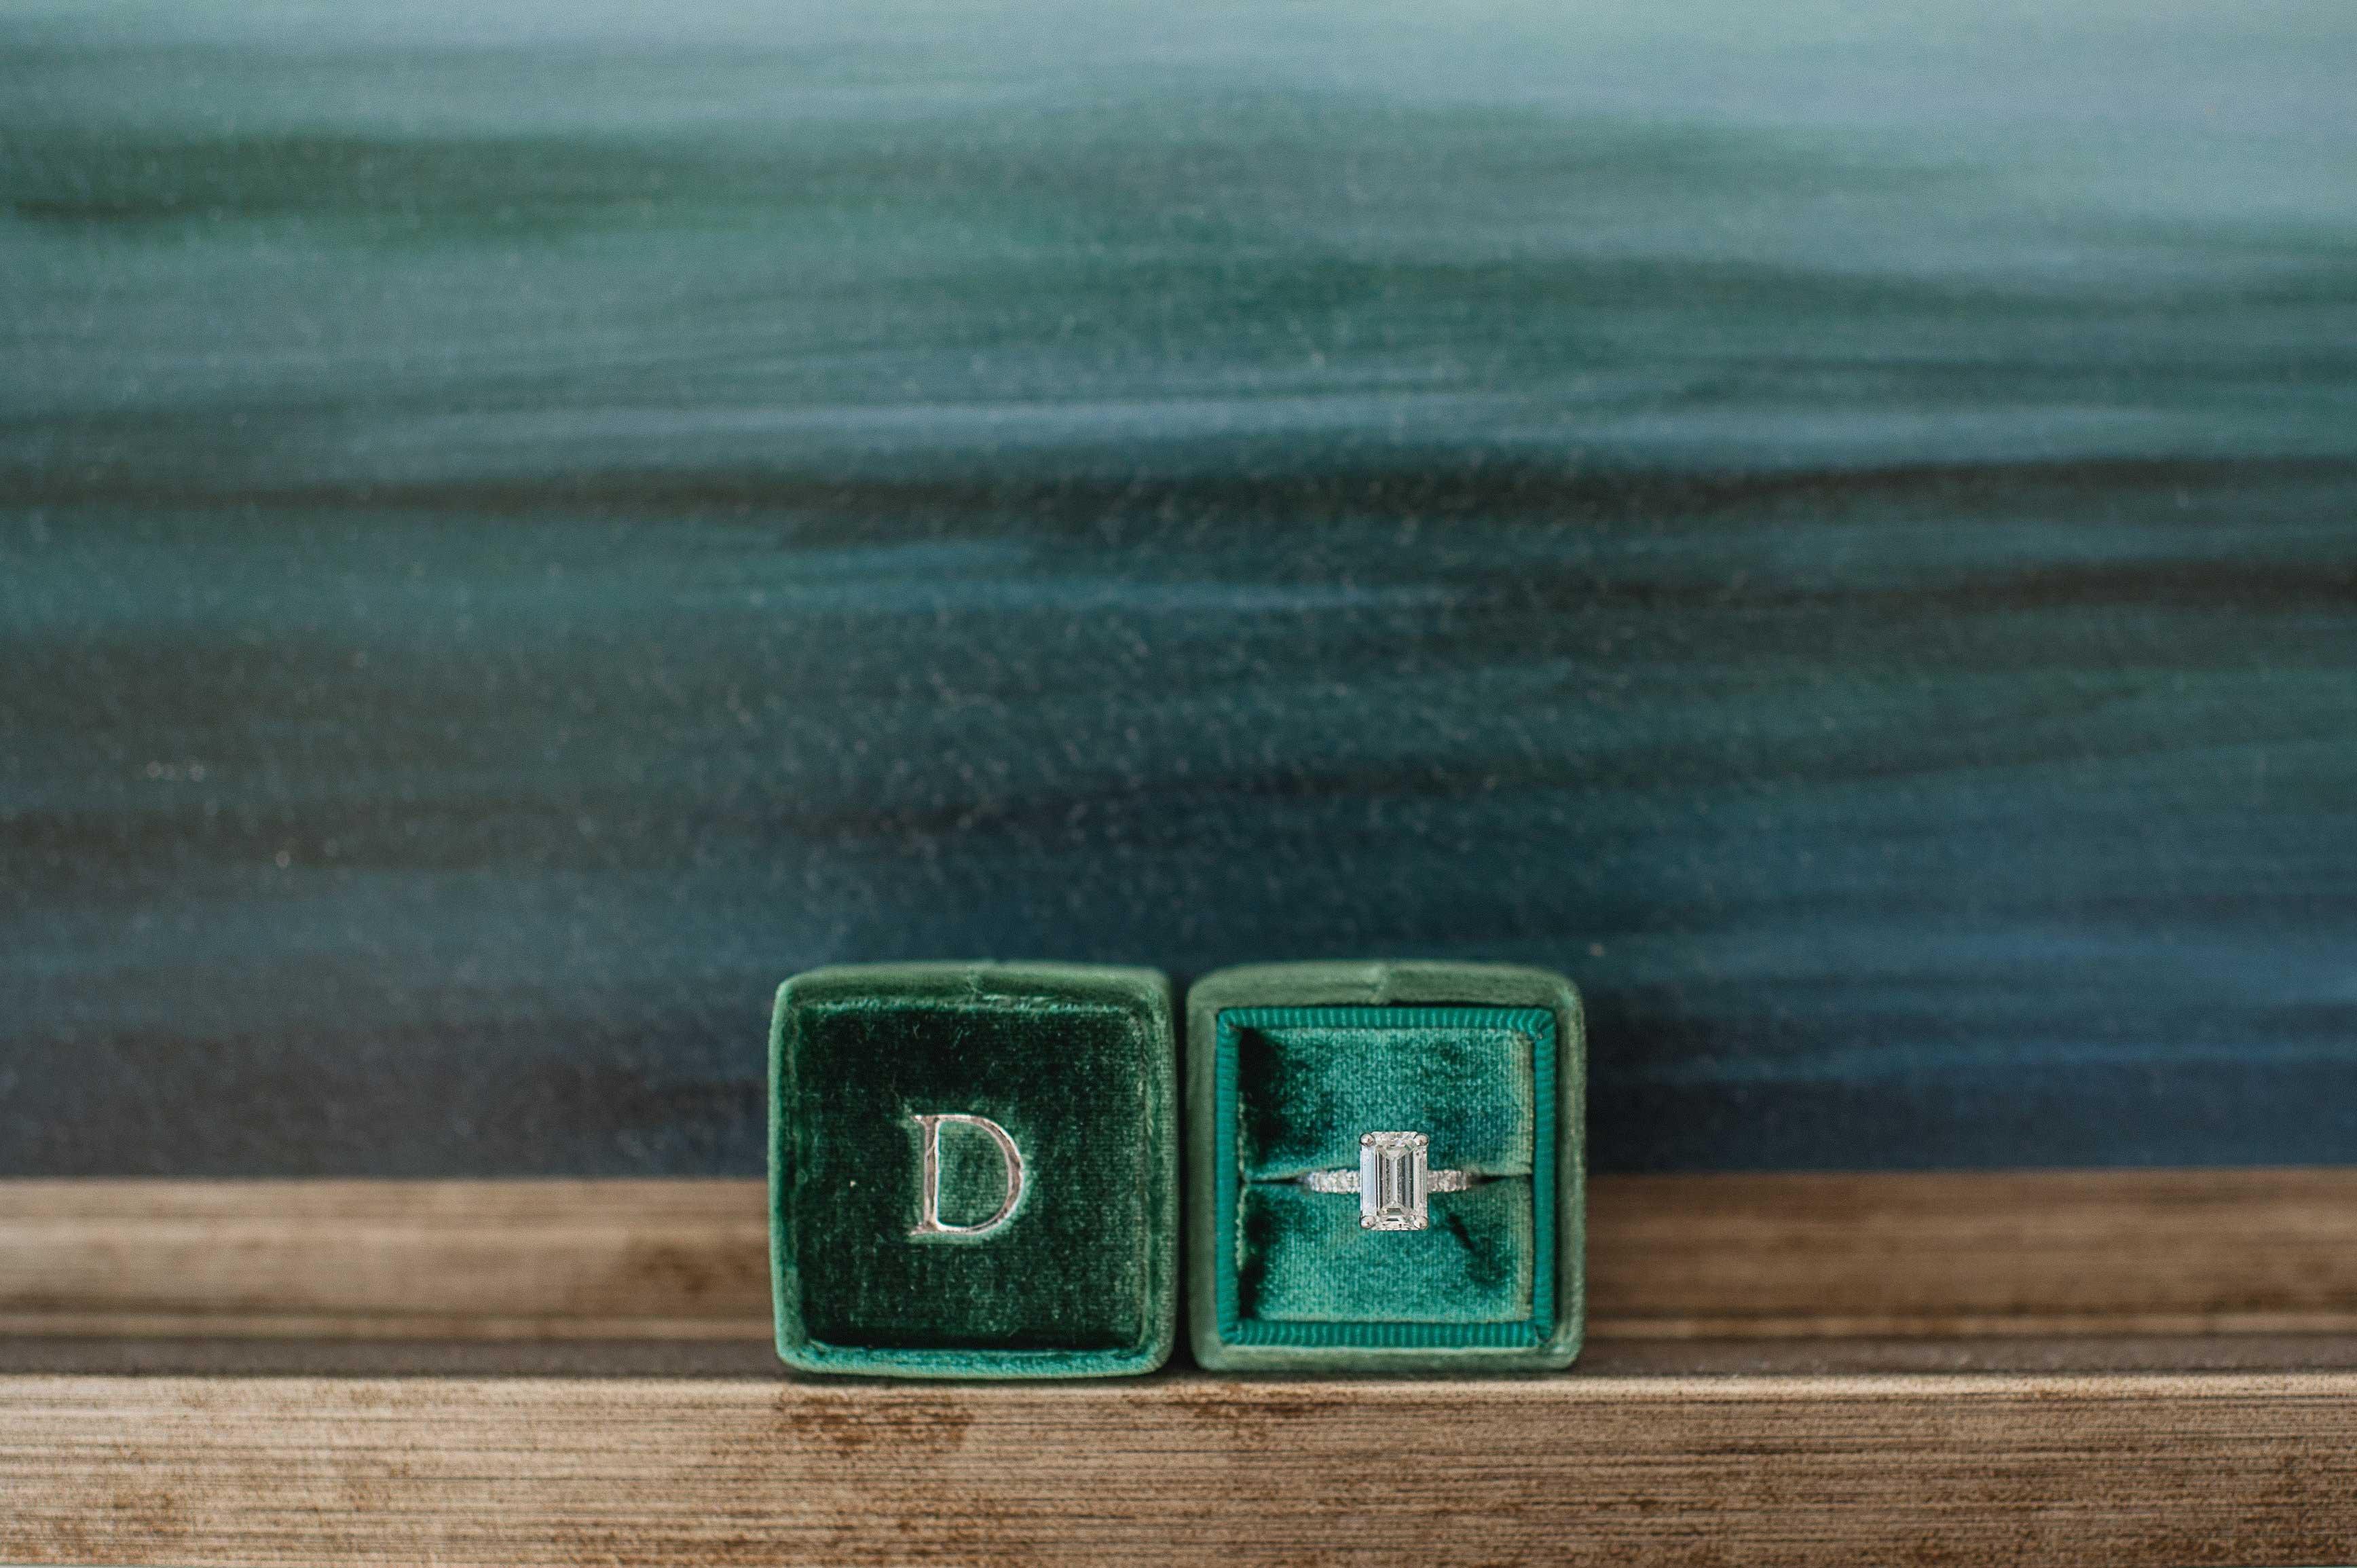 Emerald cut diamond engagement ring in velvet green The Mrs. Box